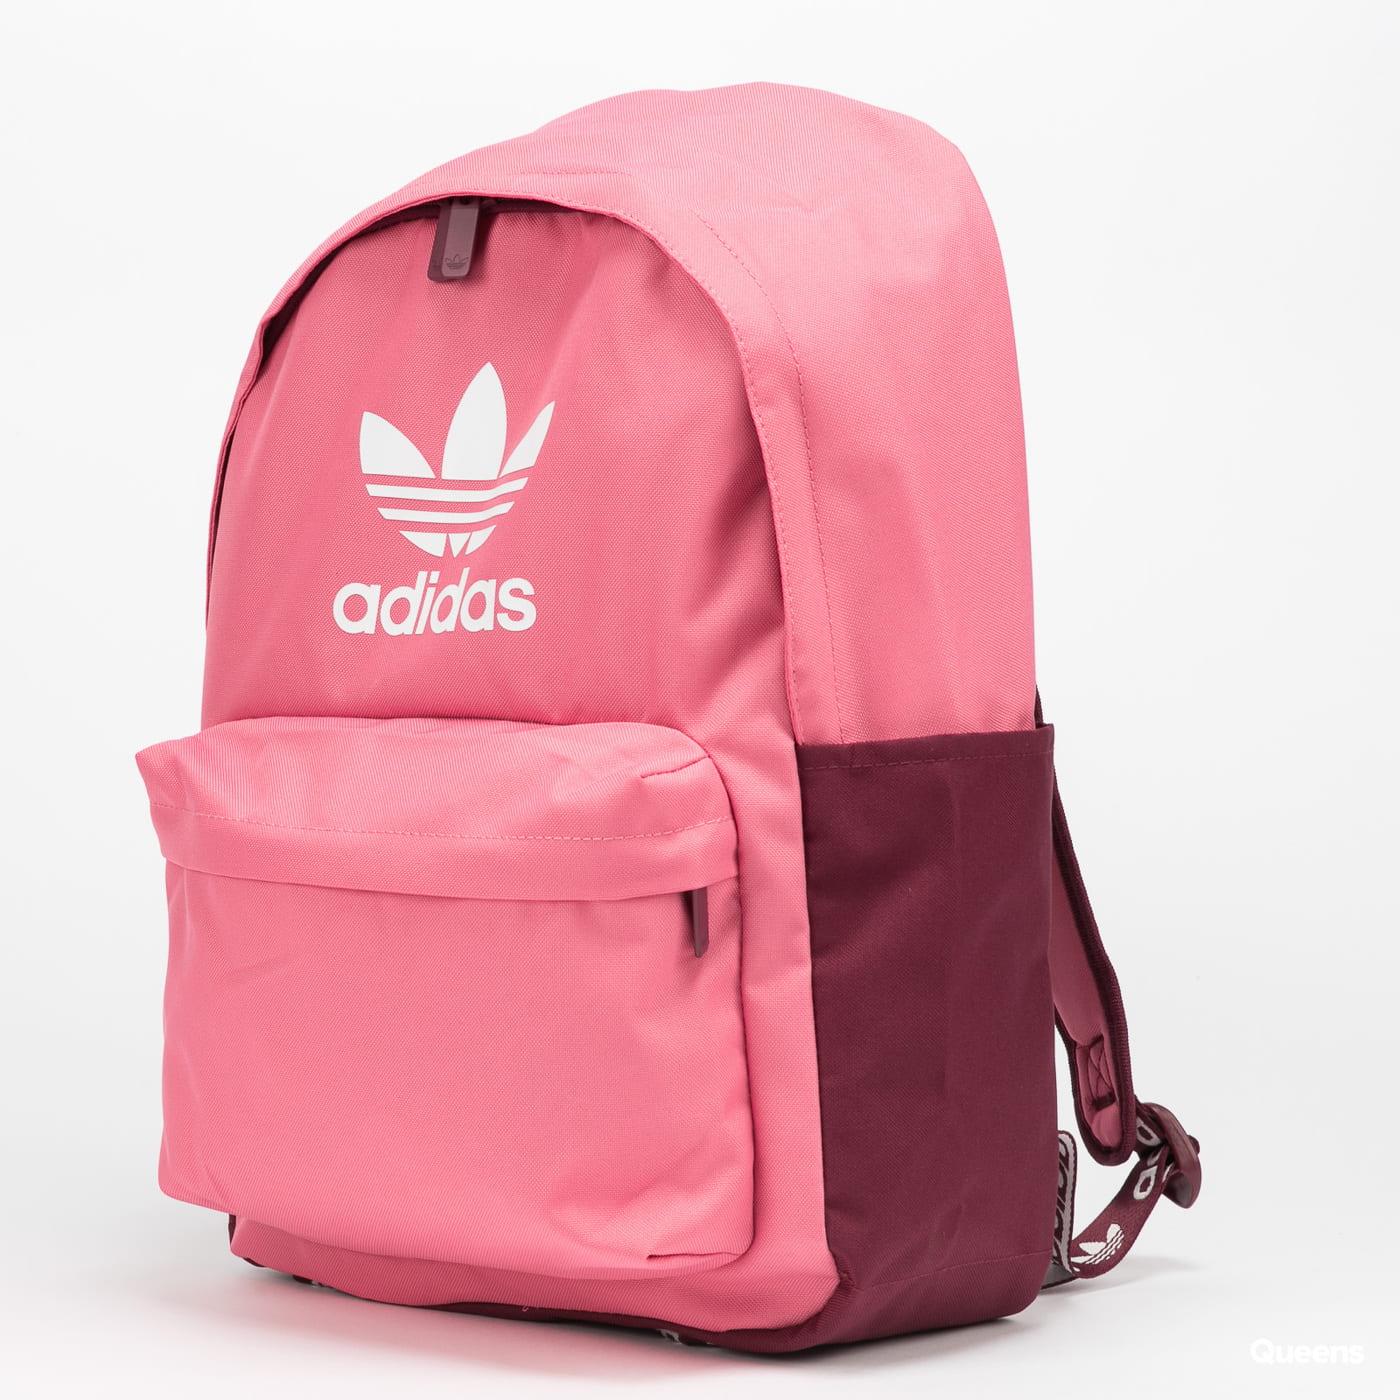 adidas Originals Adicolor Backpack tmavě růžový / vínový